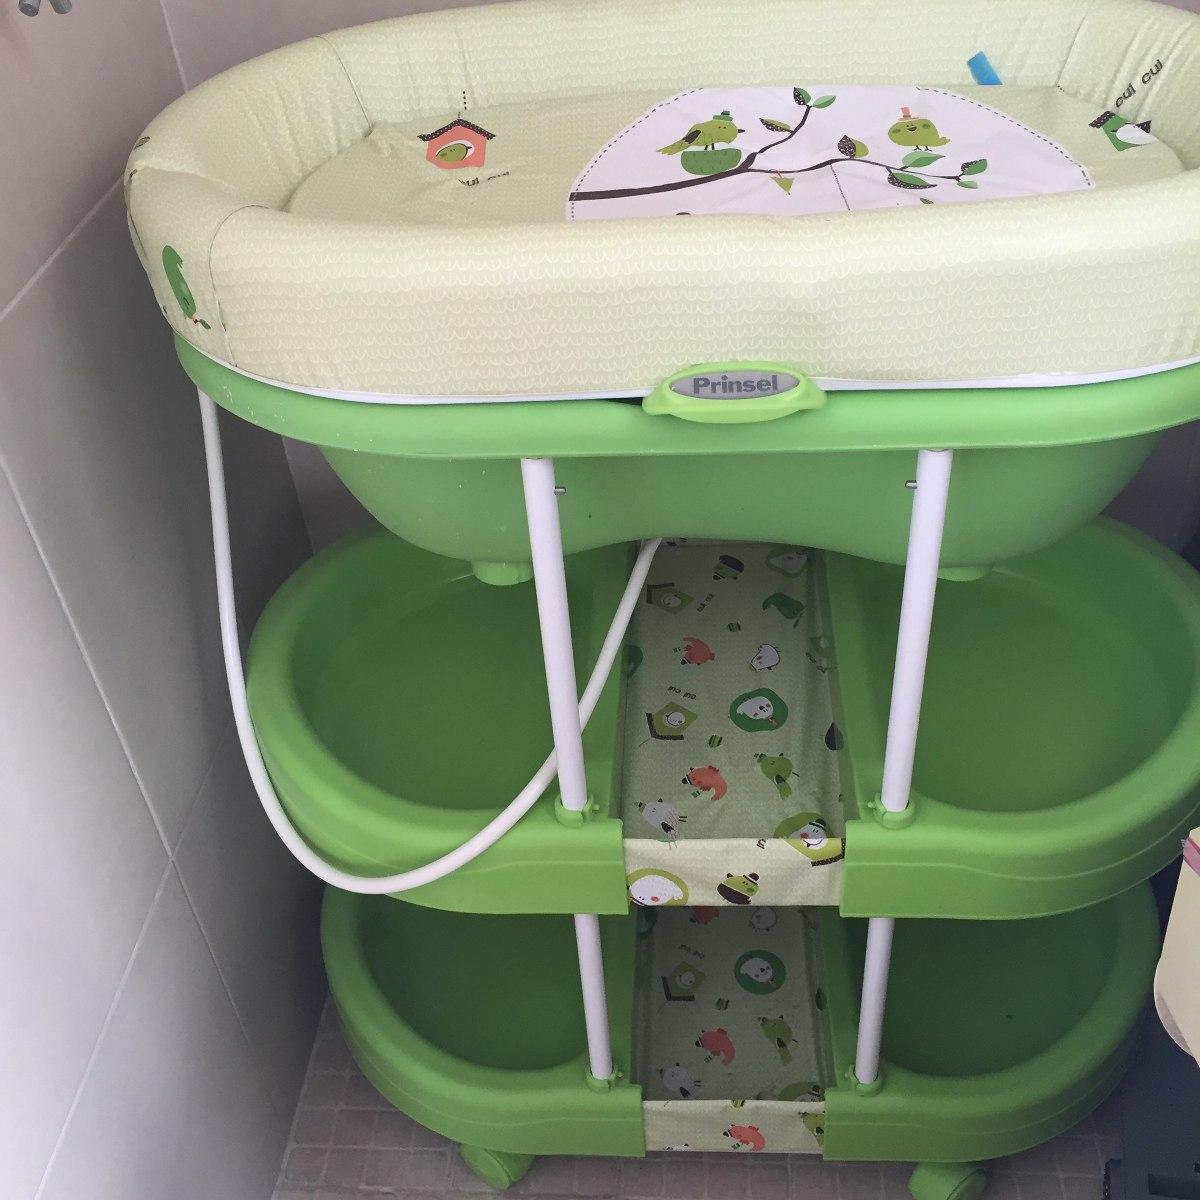 Tinas De Baño Para Bebe:Tina De Baño Para Bebe – $ 1,20000 en Mercado Libre